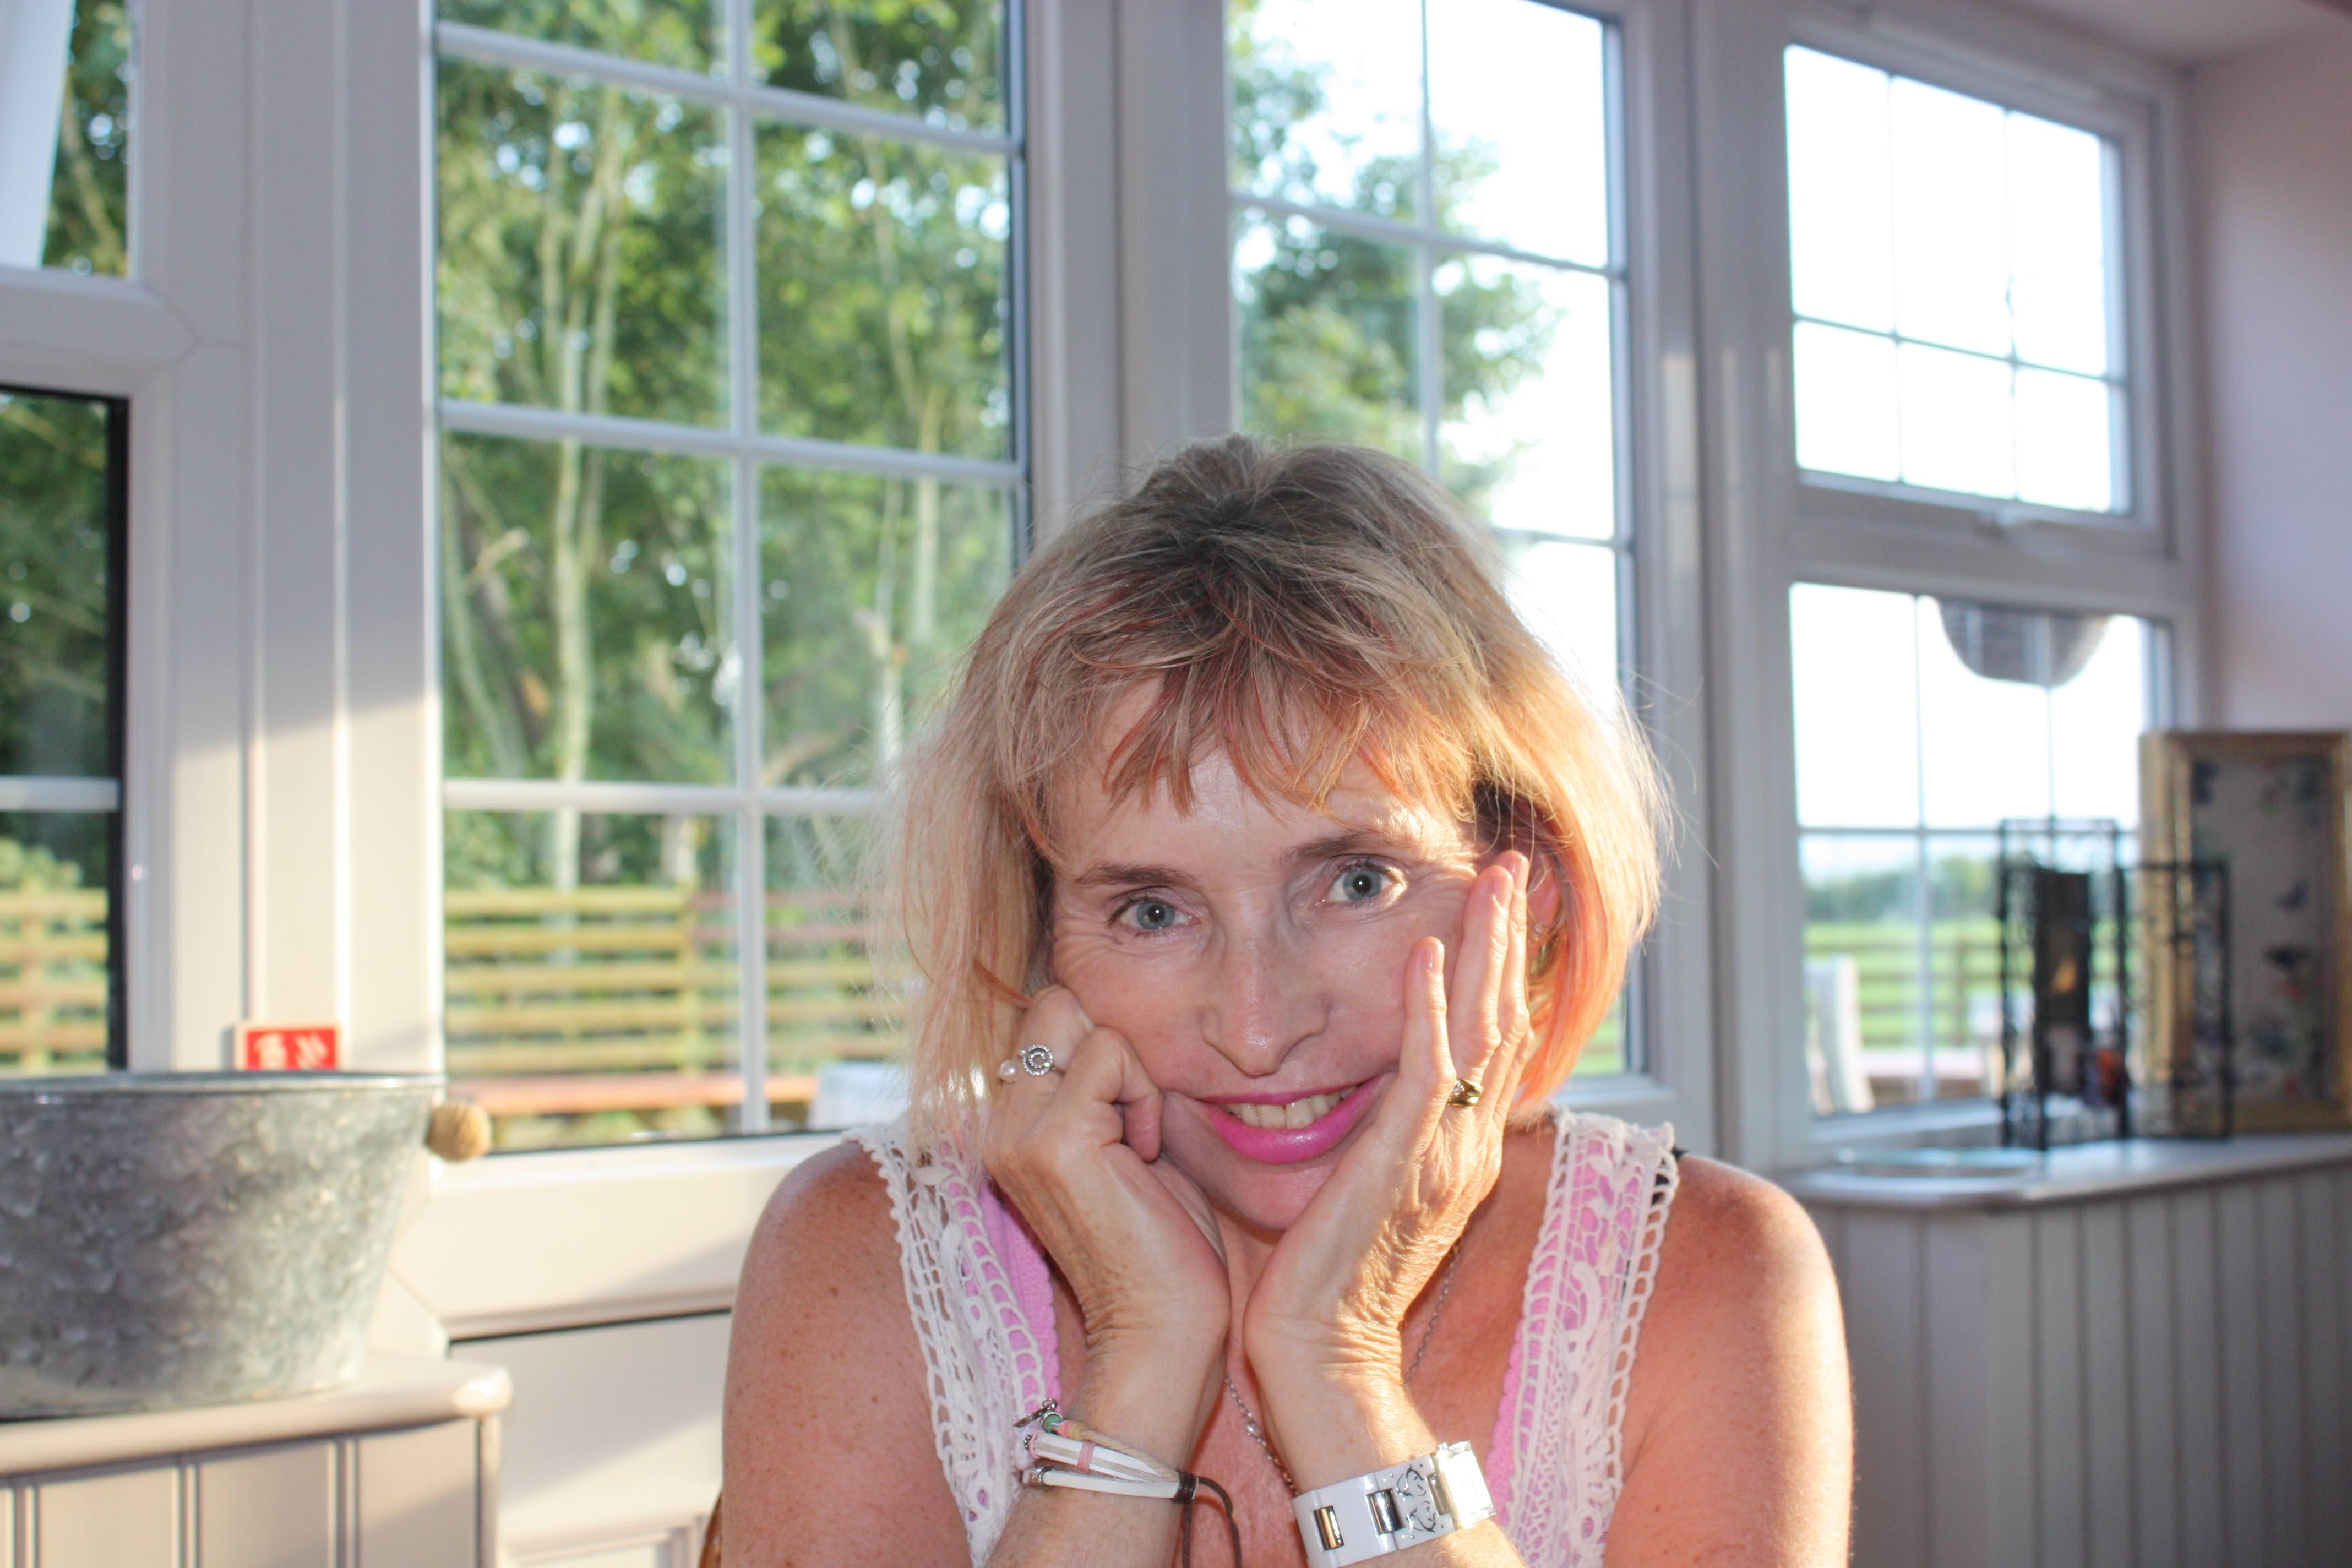 Louise Anderson podiatrist Melbourne CBD